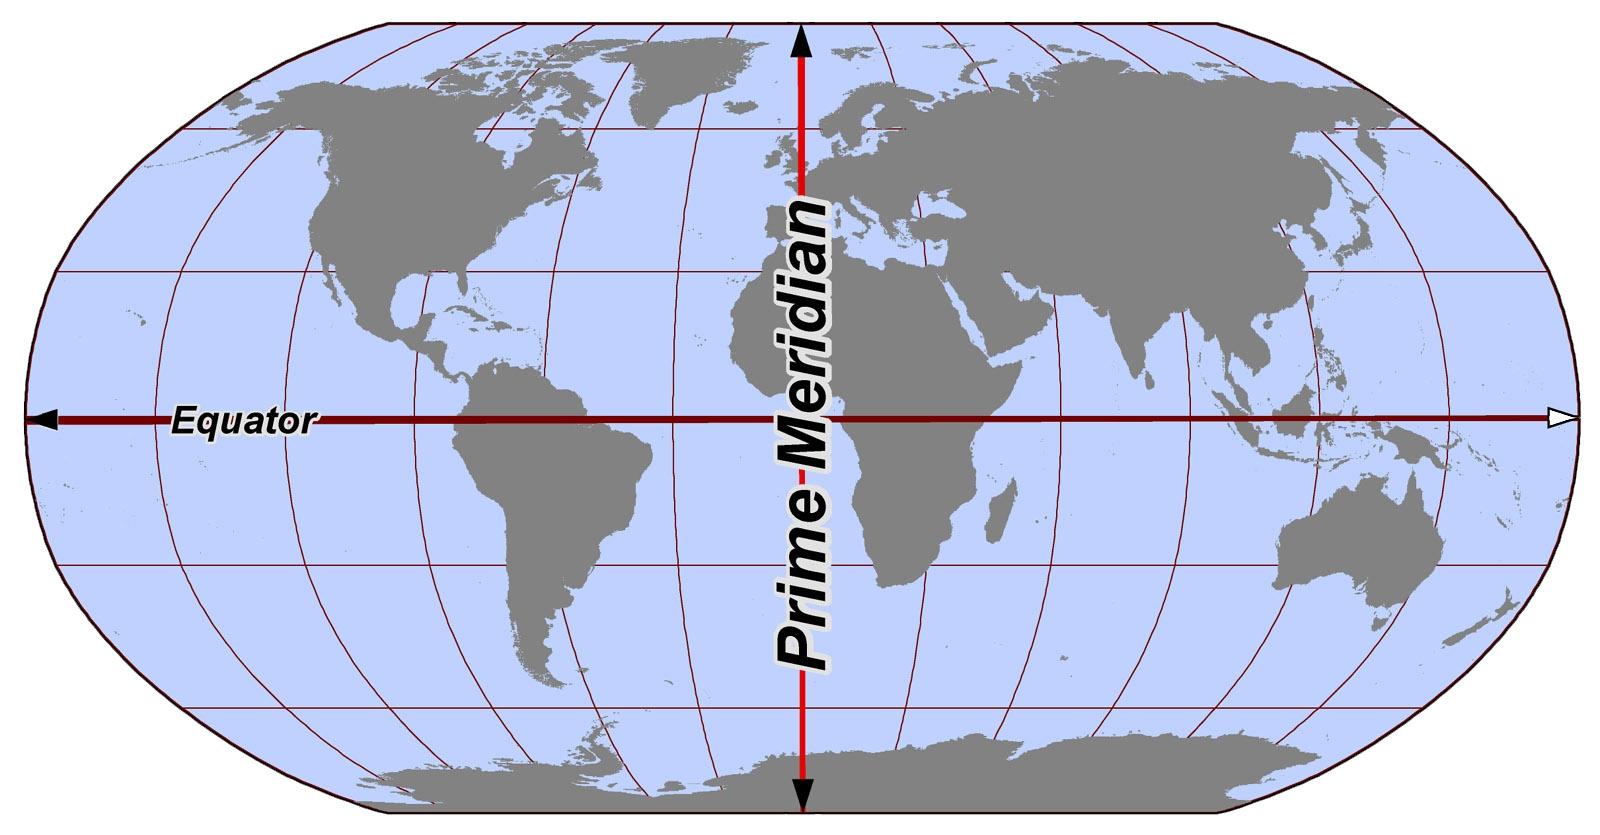 خط وهمي يصل بين أبعد نقطتين على دائرة الاستواء يمر بمركز الأرض هو